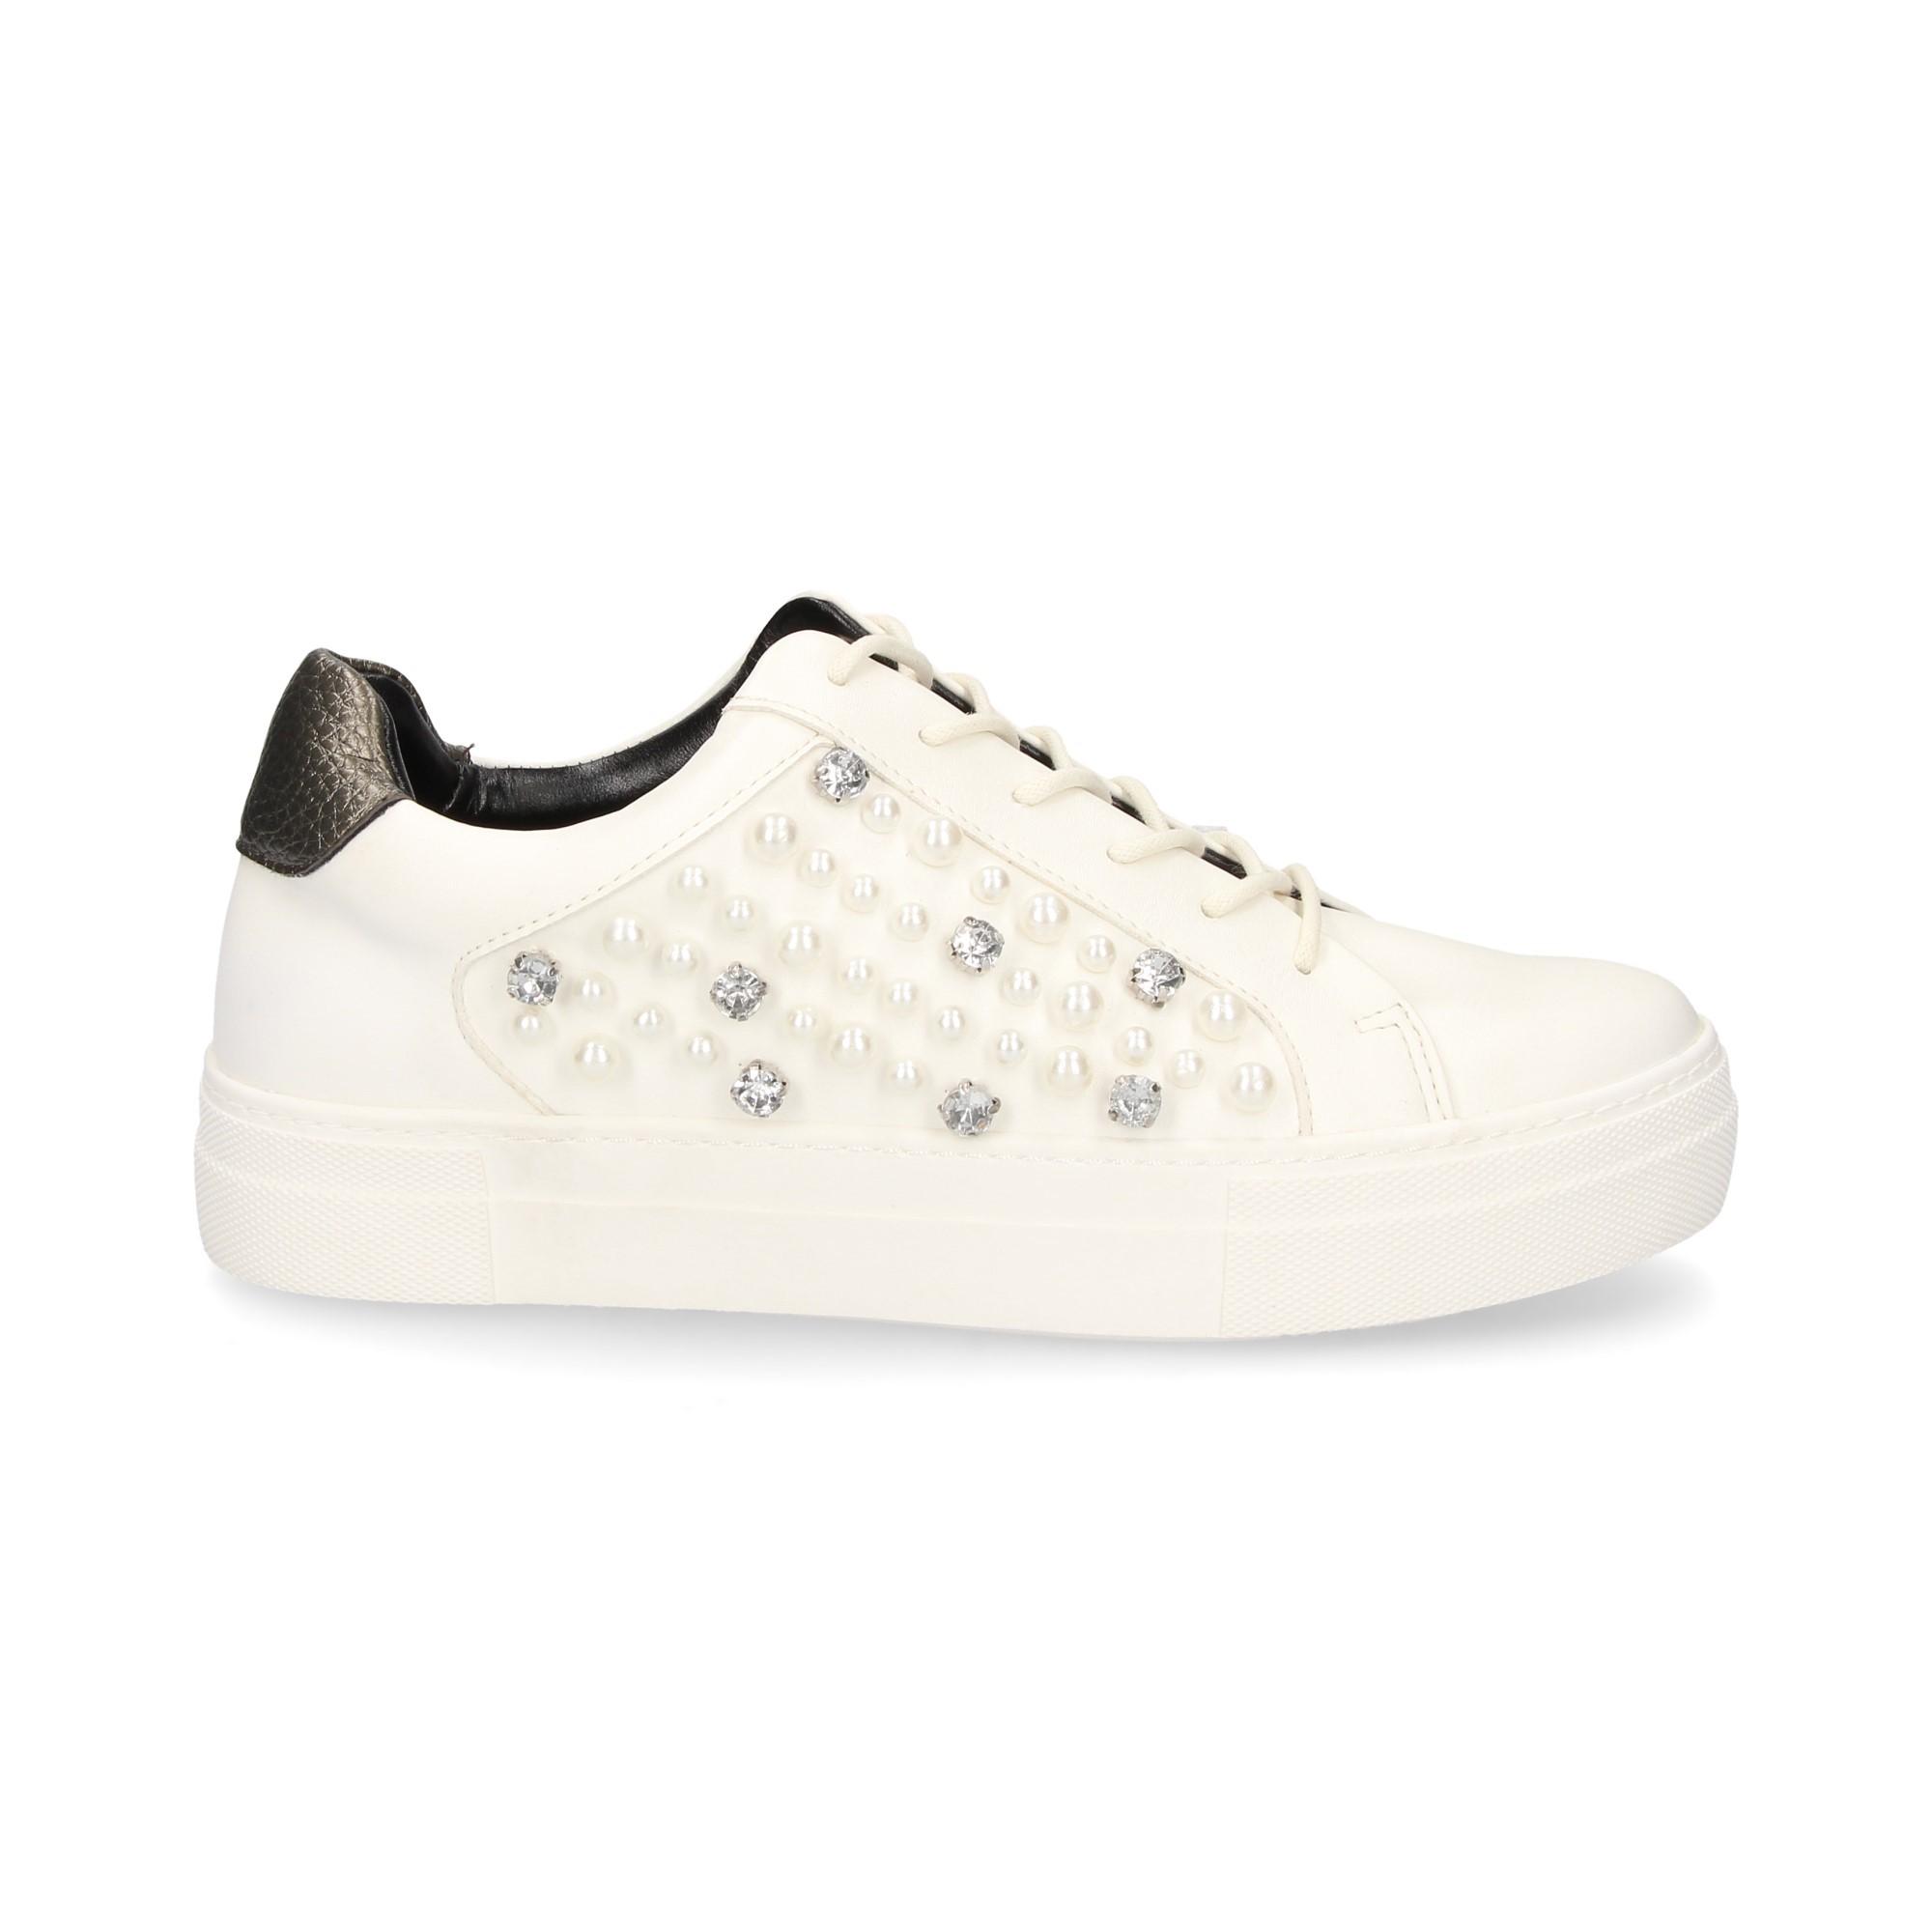 TWINSET Chaussures de sport pour femmes DA8PBS 808 ICE